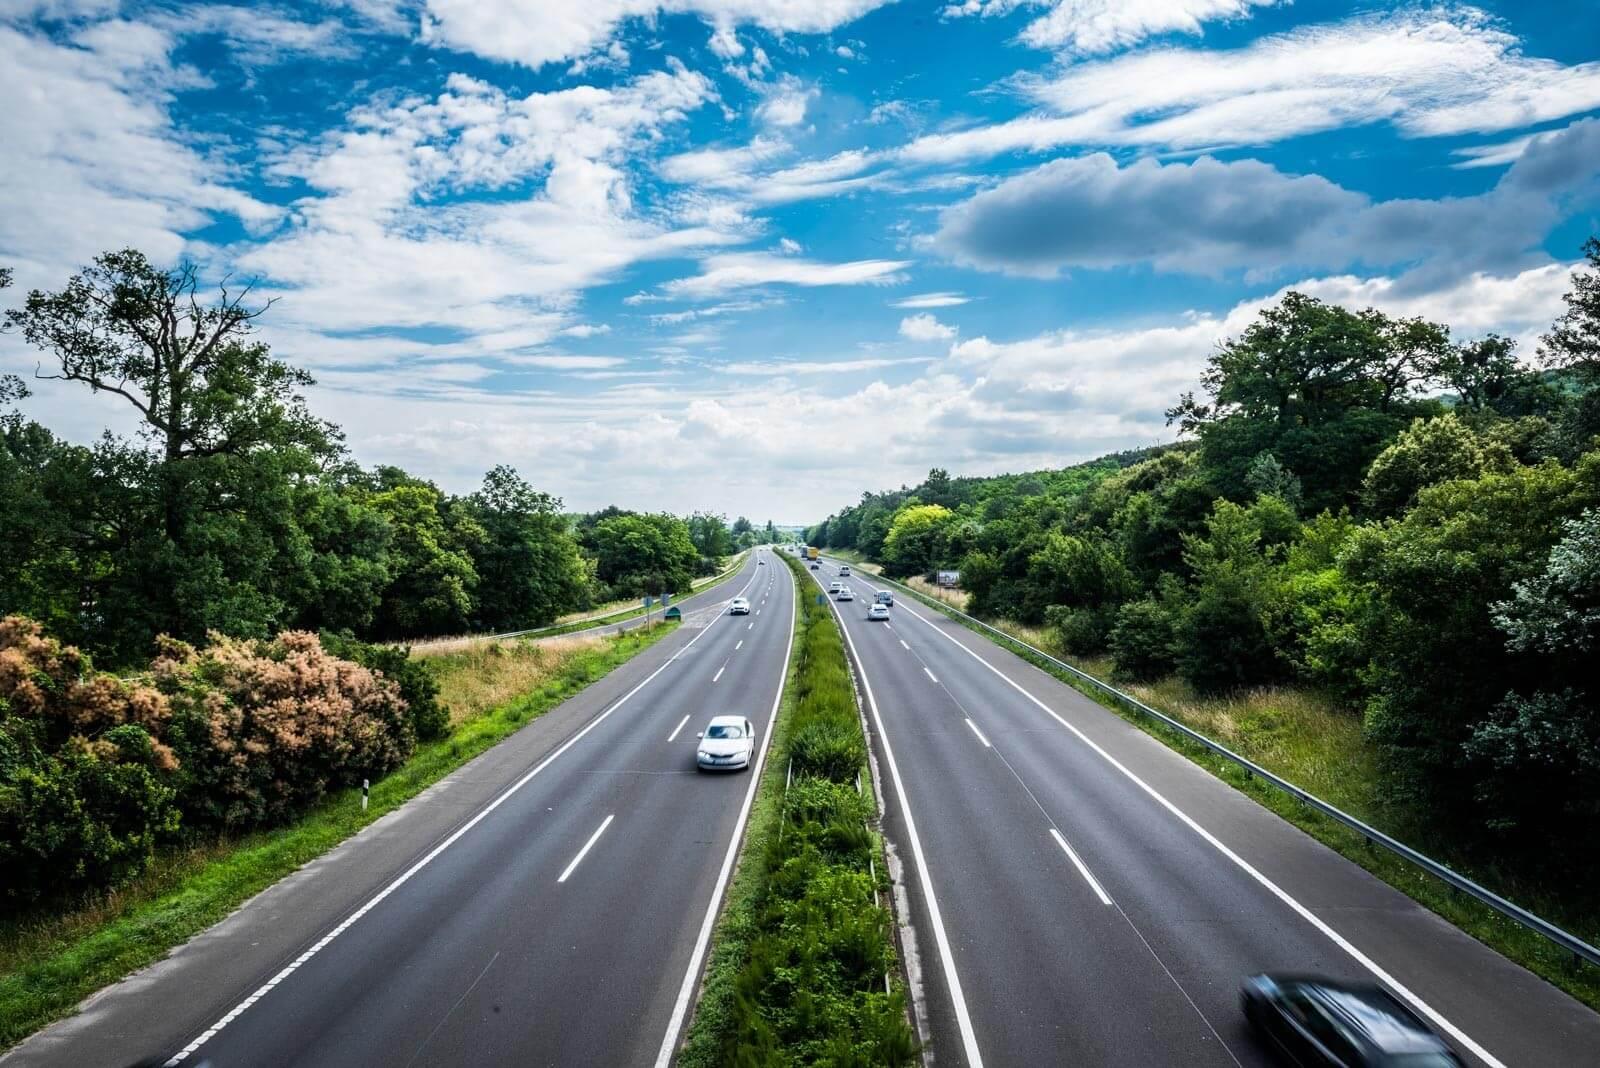 Sok magyar autós örül ennek az új autópályaszakasznak